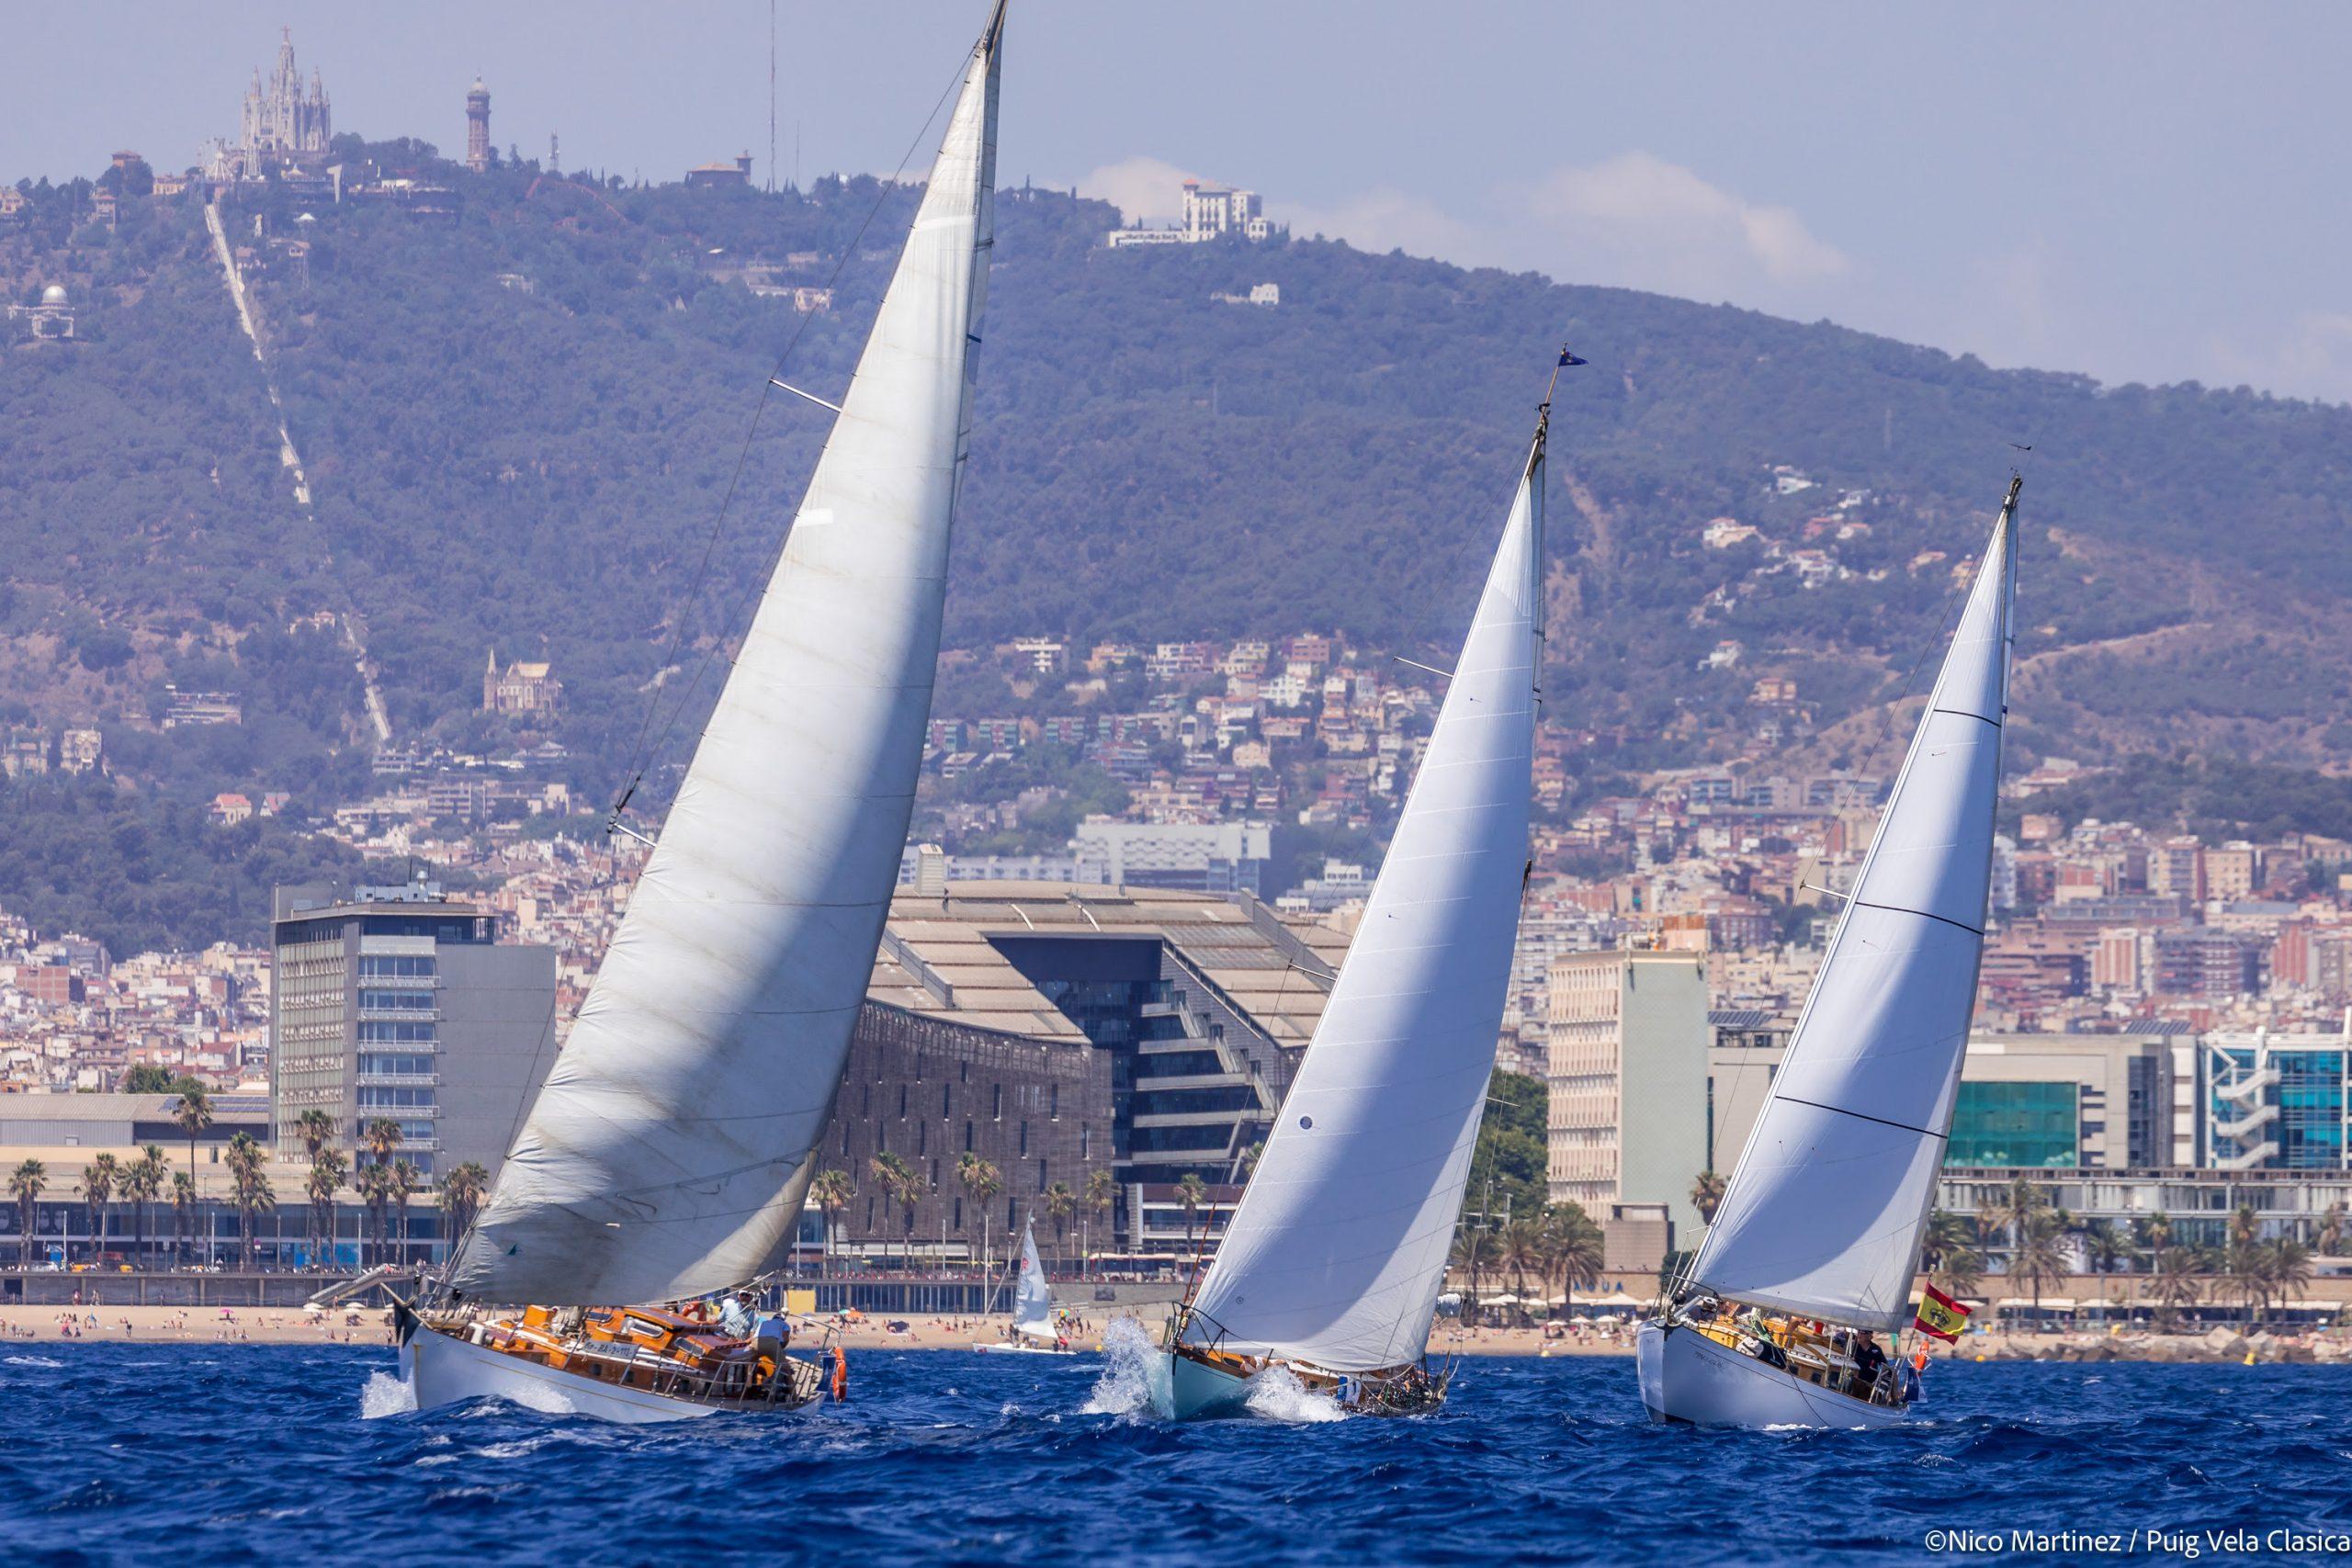 XIV regata Puig Vela Clàssica